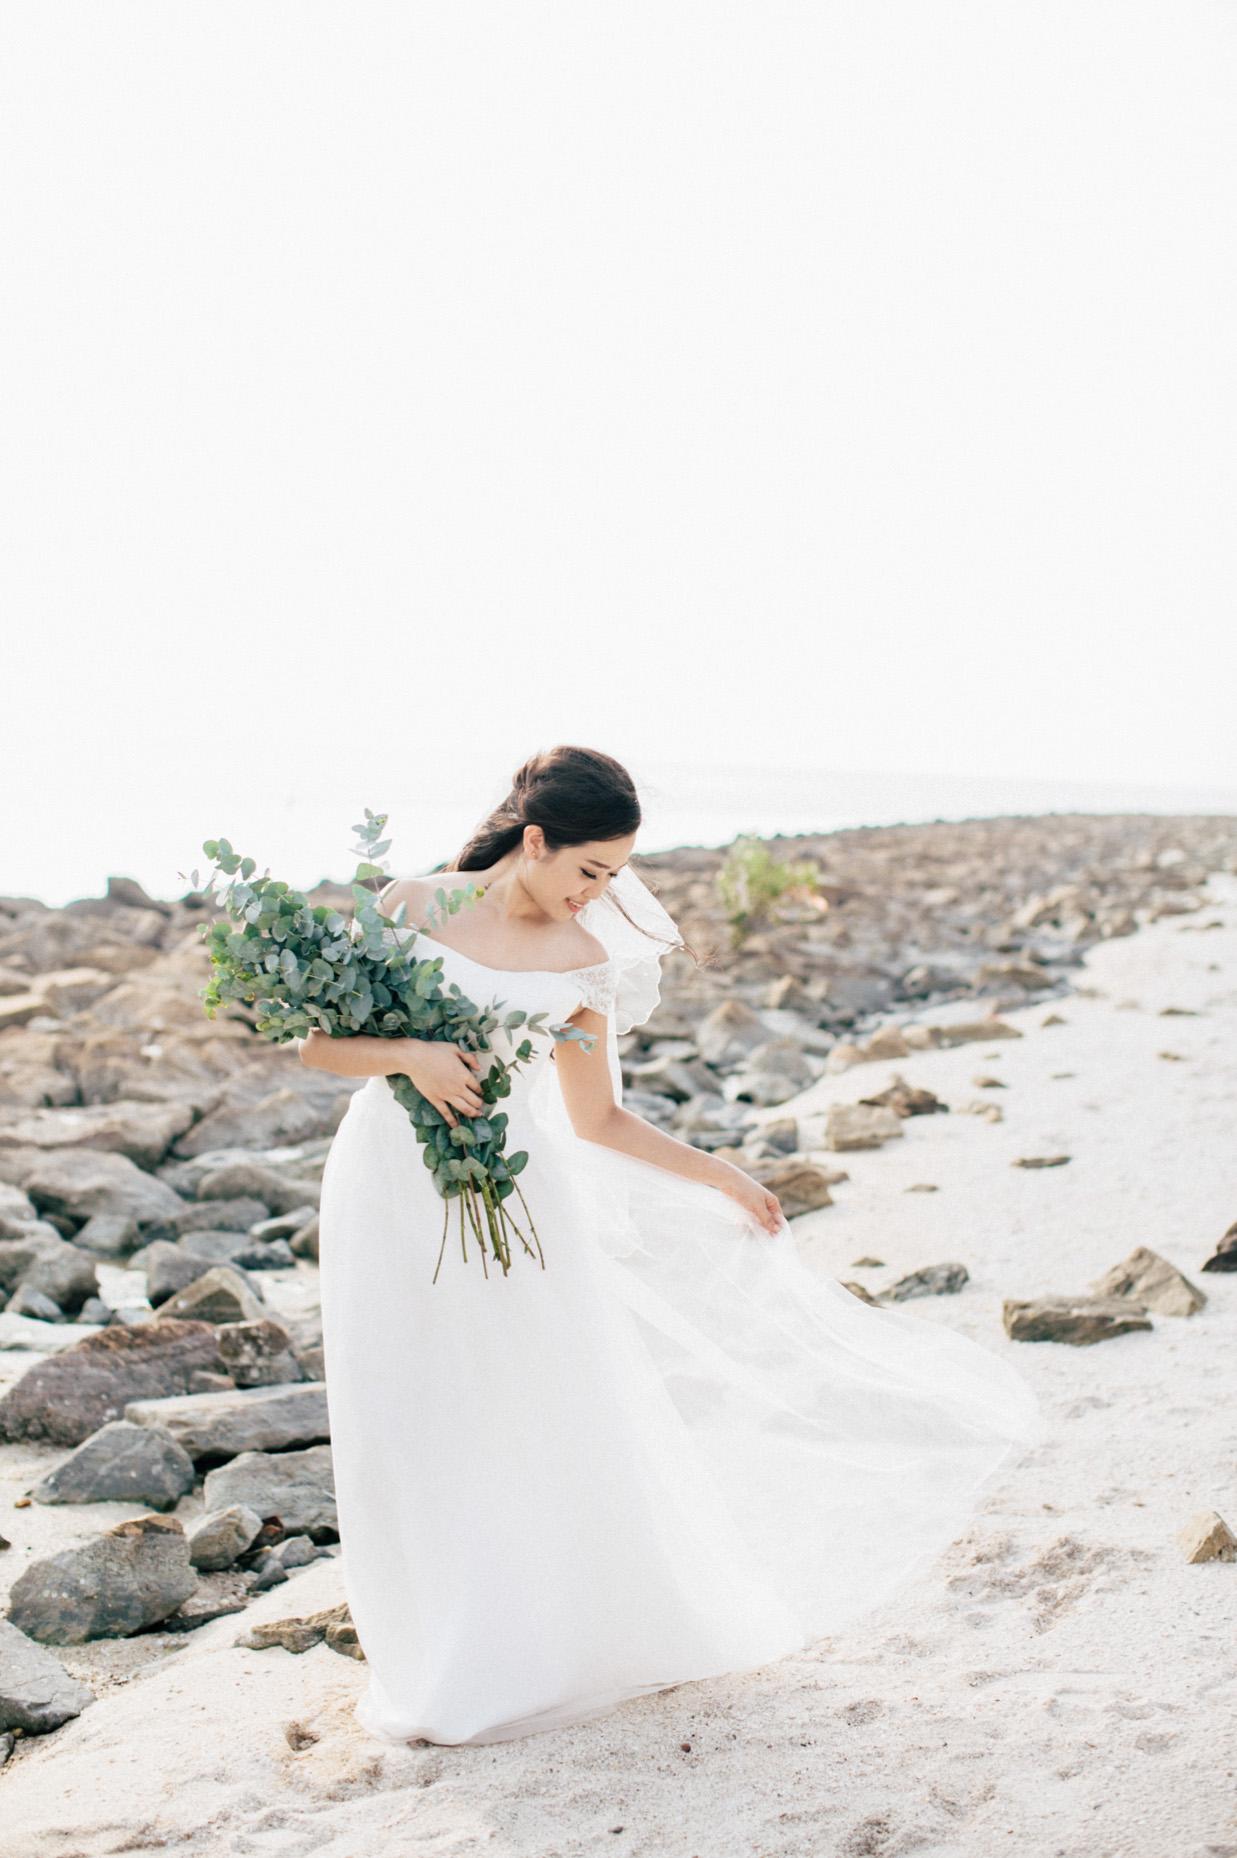 17-hellojanelee-sekinchan-prewedding-engagement-malaysia